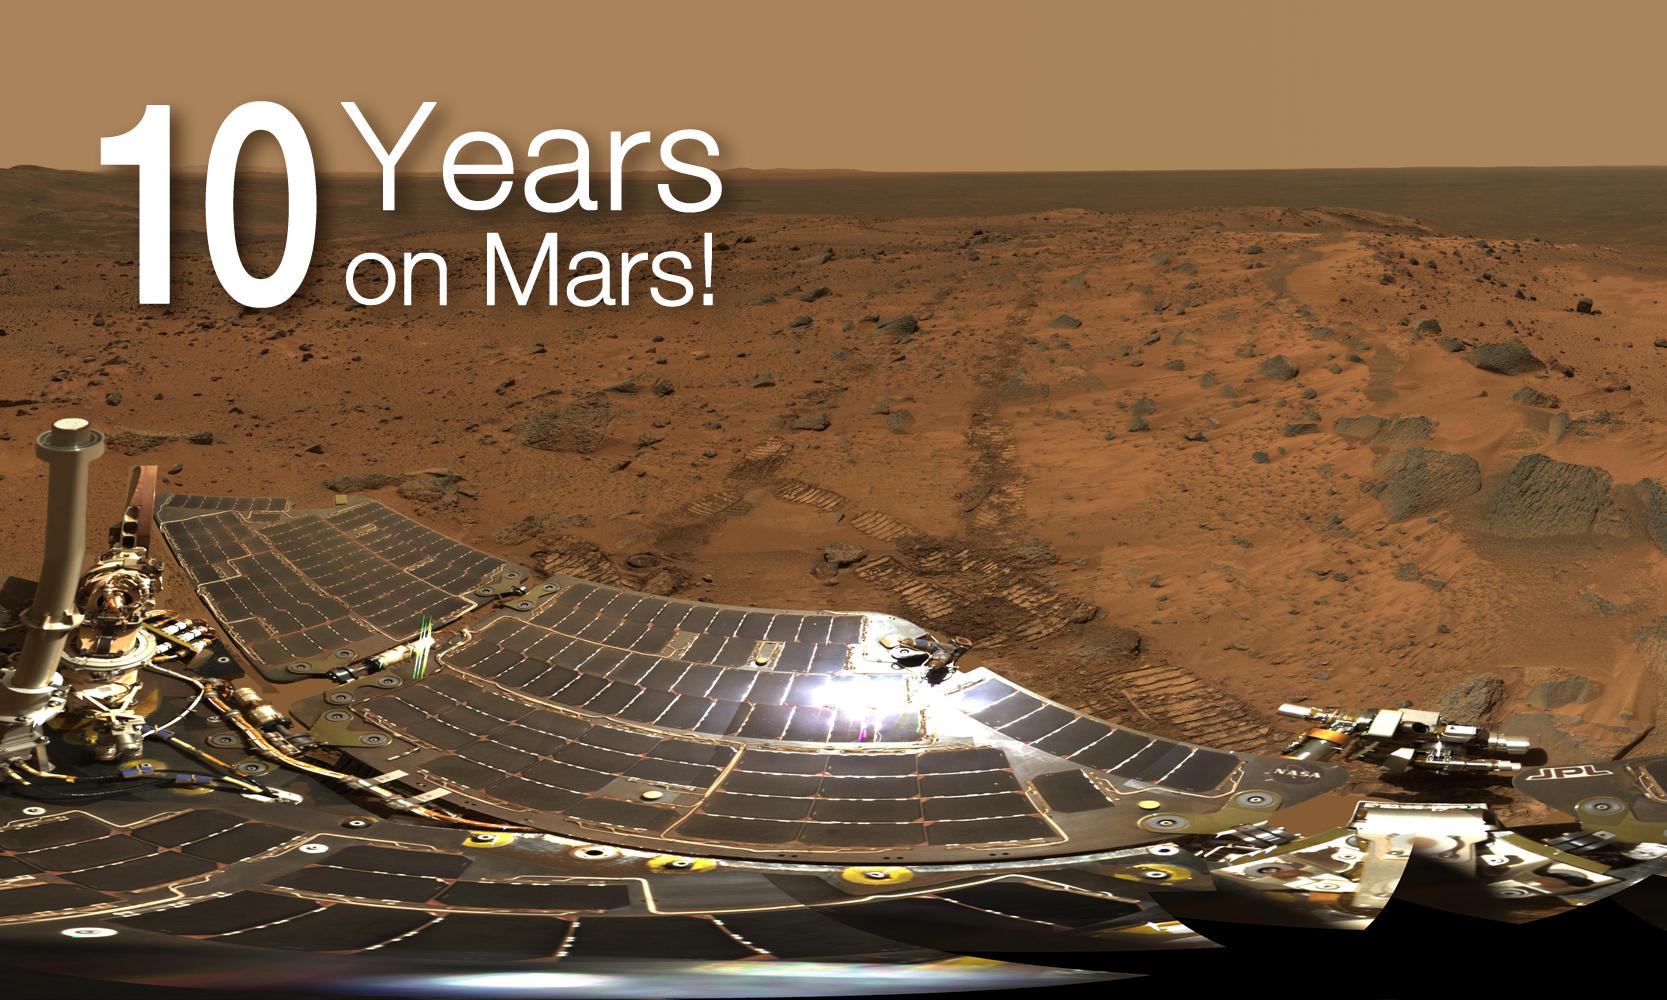 nasa mars exploration program - photo #3